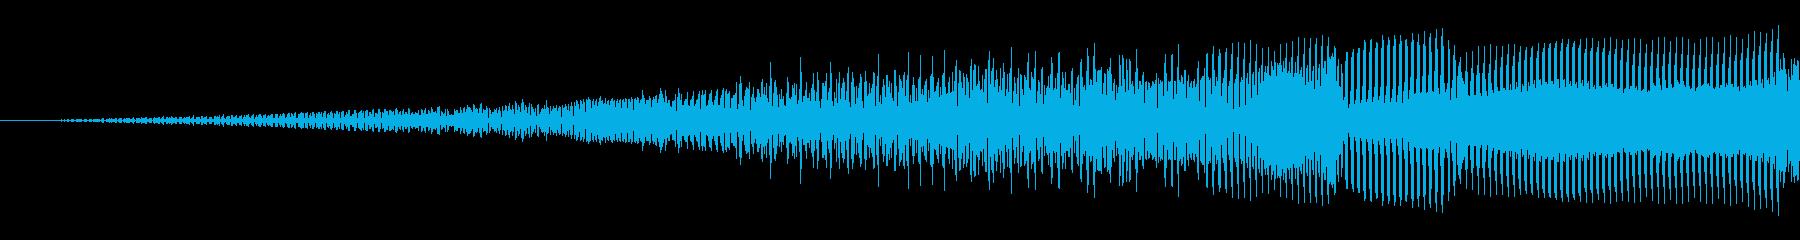 パワーグリッチスイープの再生済みの波形